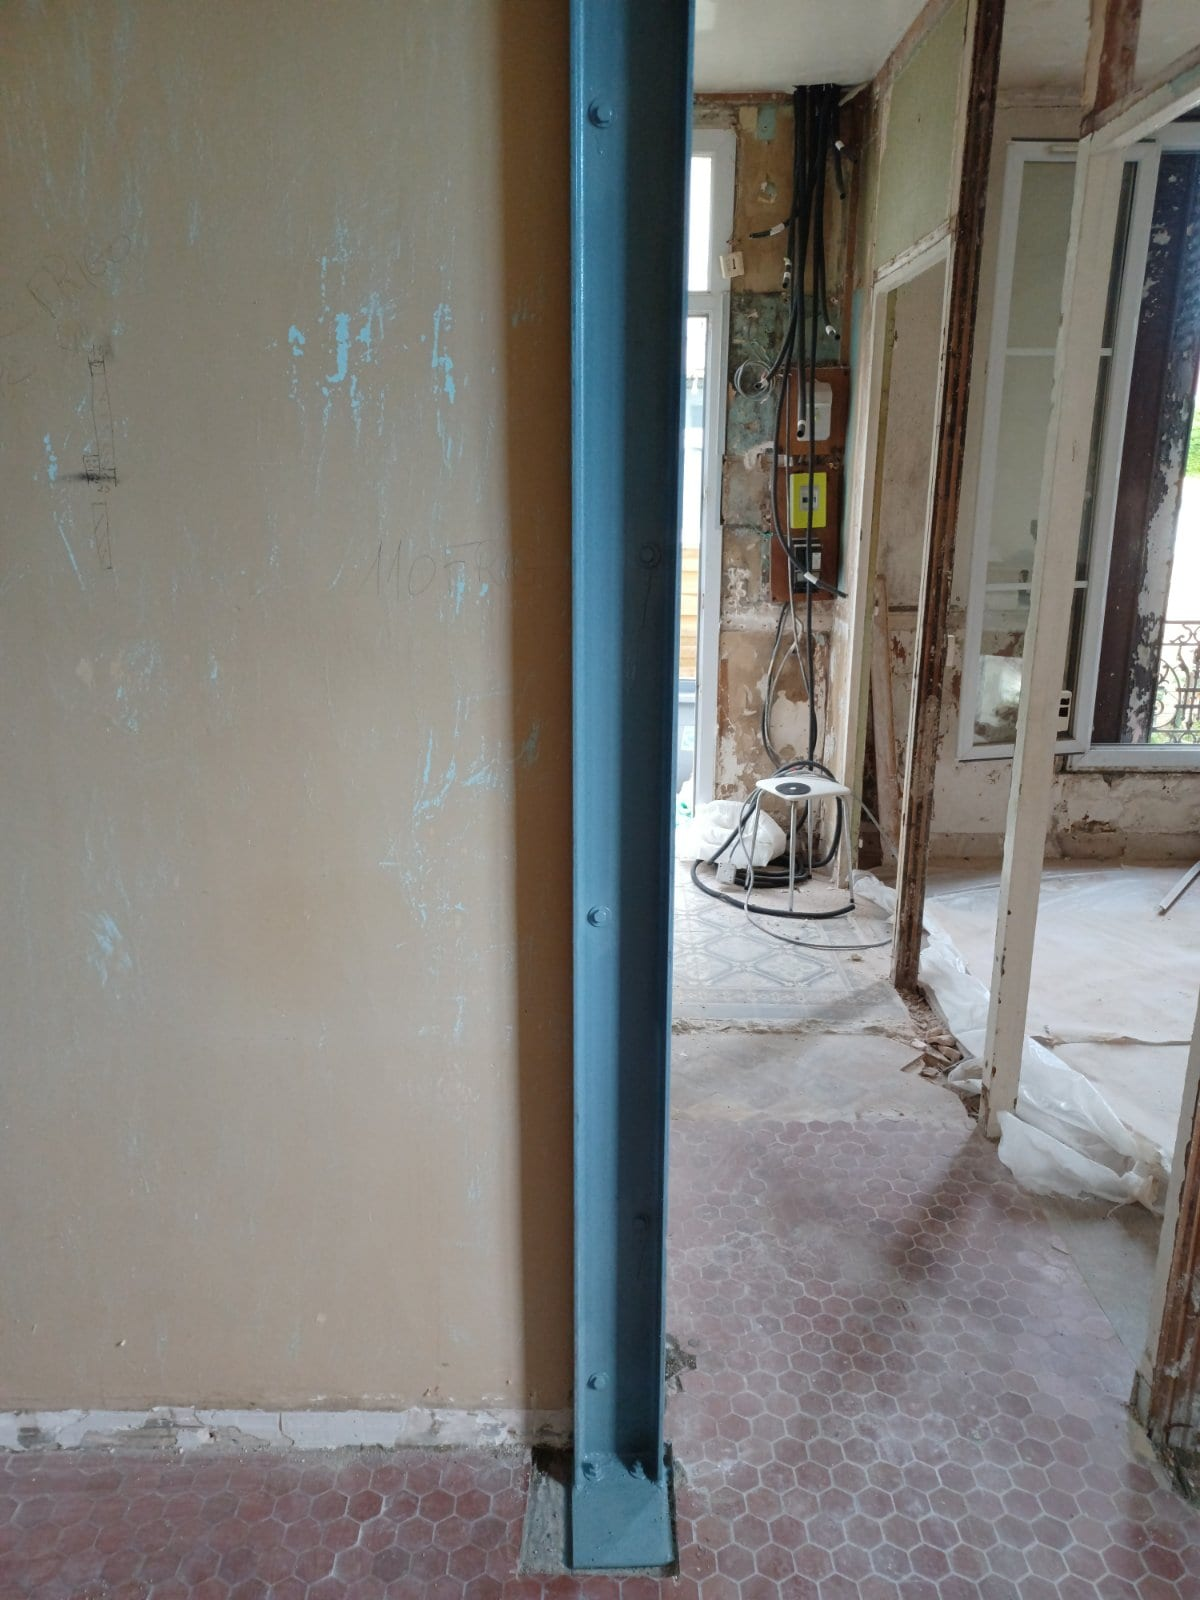 Création d'une ouverture dans un mur porteur. Renforcement par structure métallique au Lavandou. - Murs porteurs